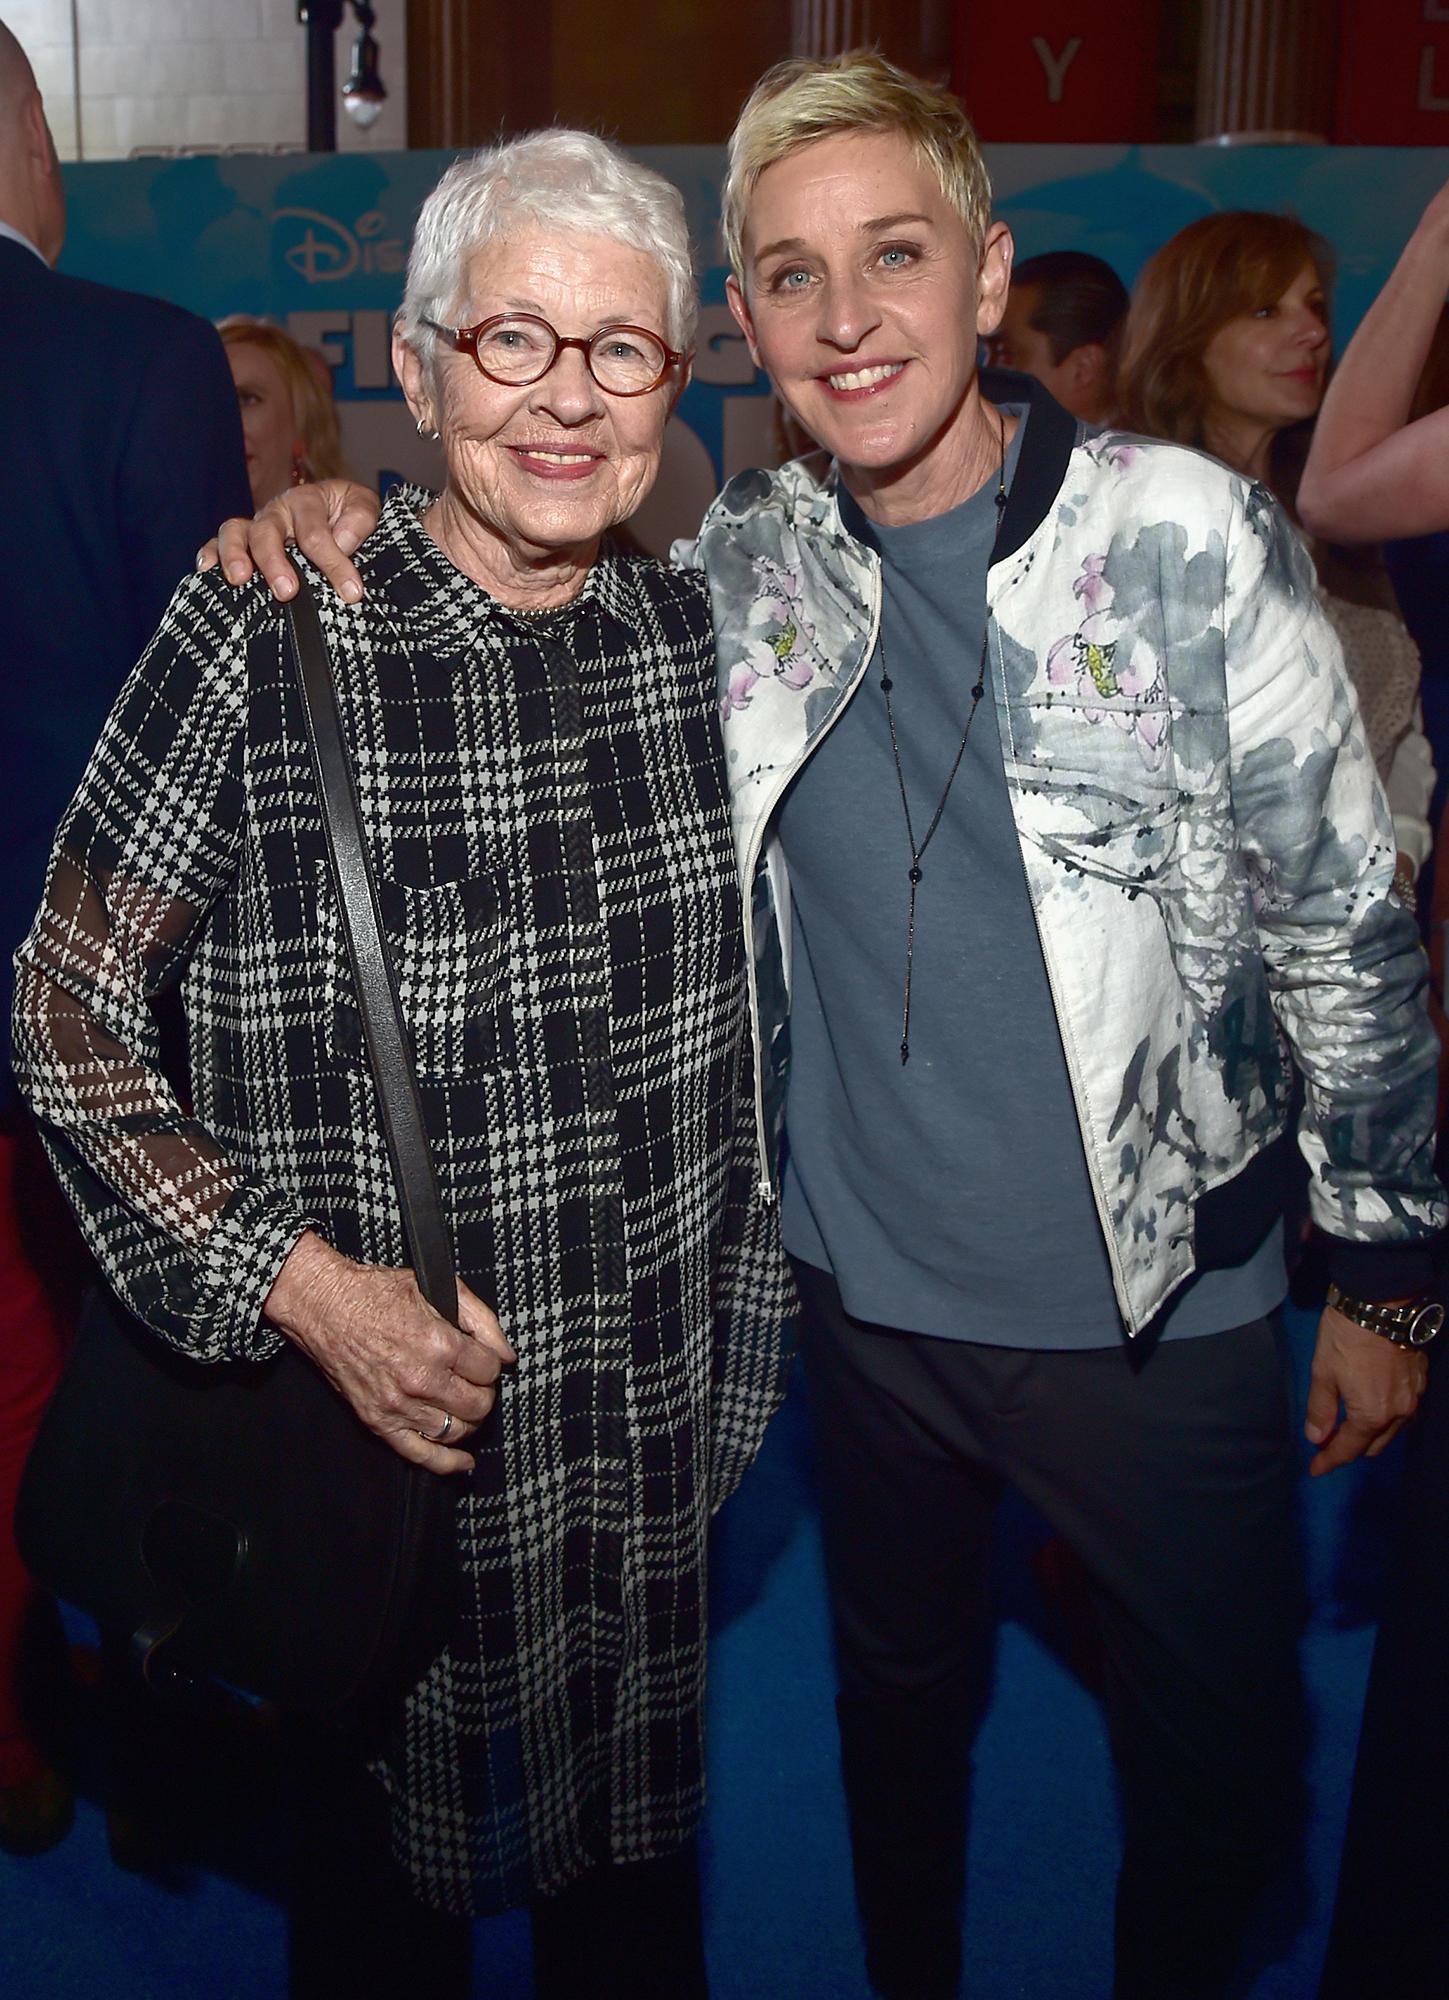 Ellen DeGeneres' Mom Betty DeGeneres Says Her Daughter Won't Have a Baby With Wife Portia de Rossi - Betty DeGeneres and Ellen DeGeneres.